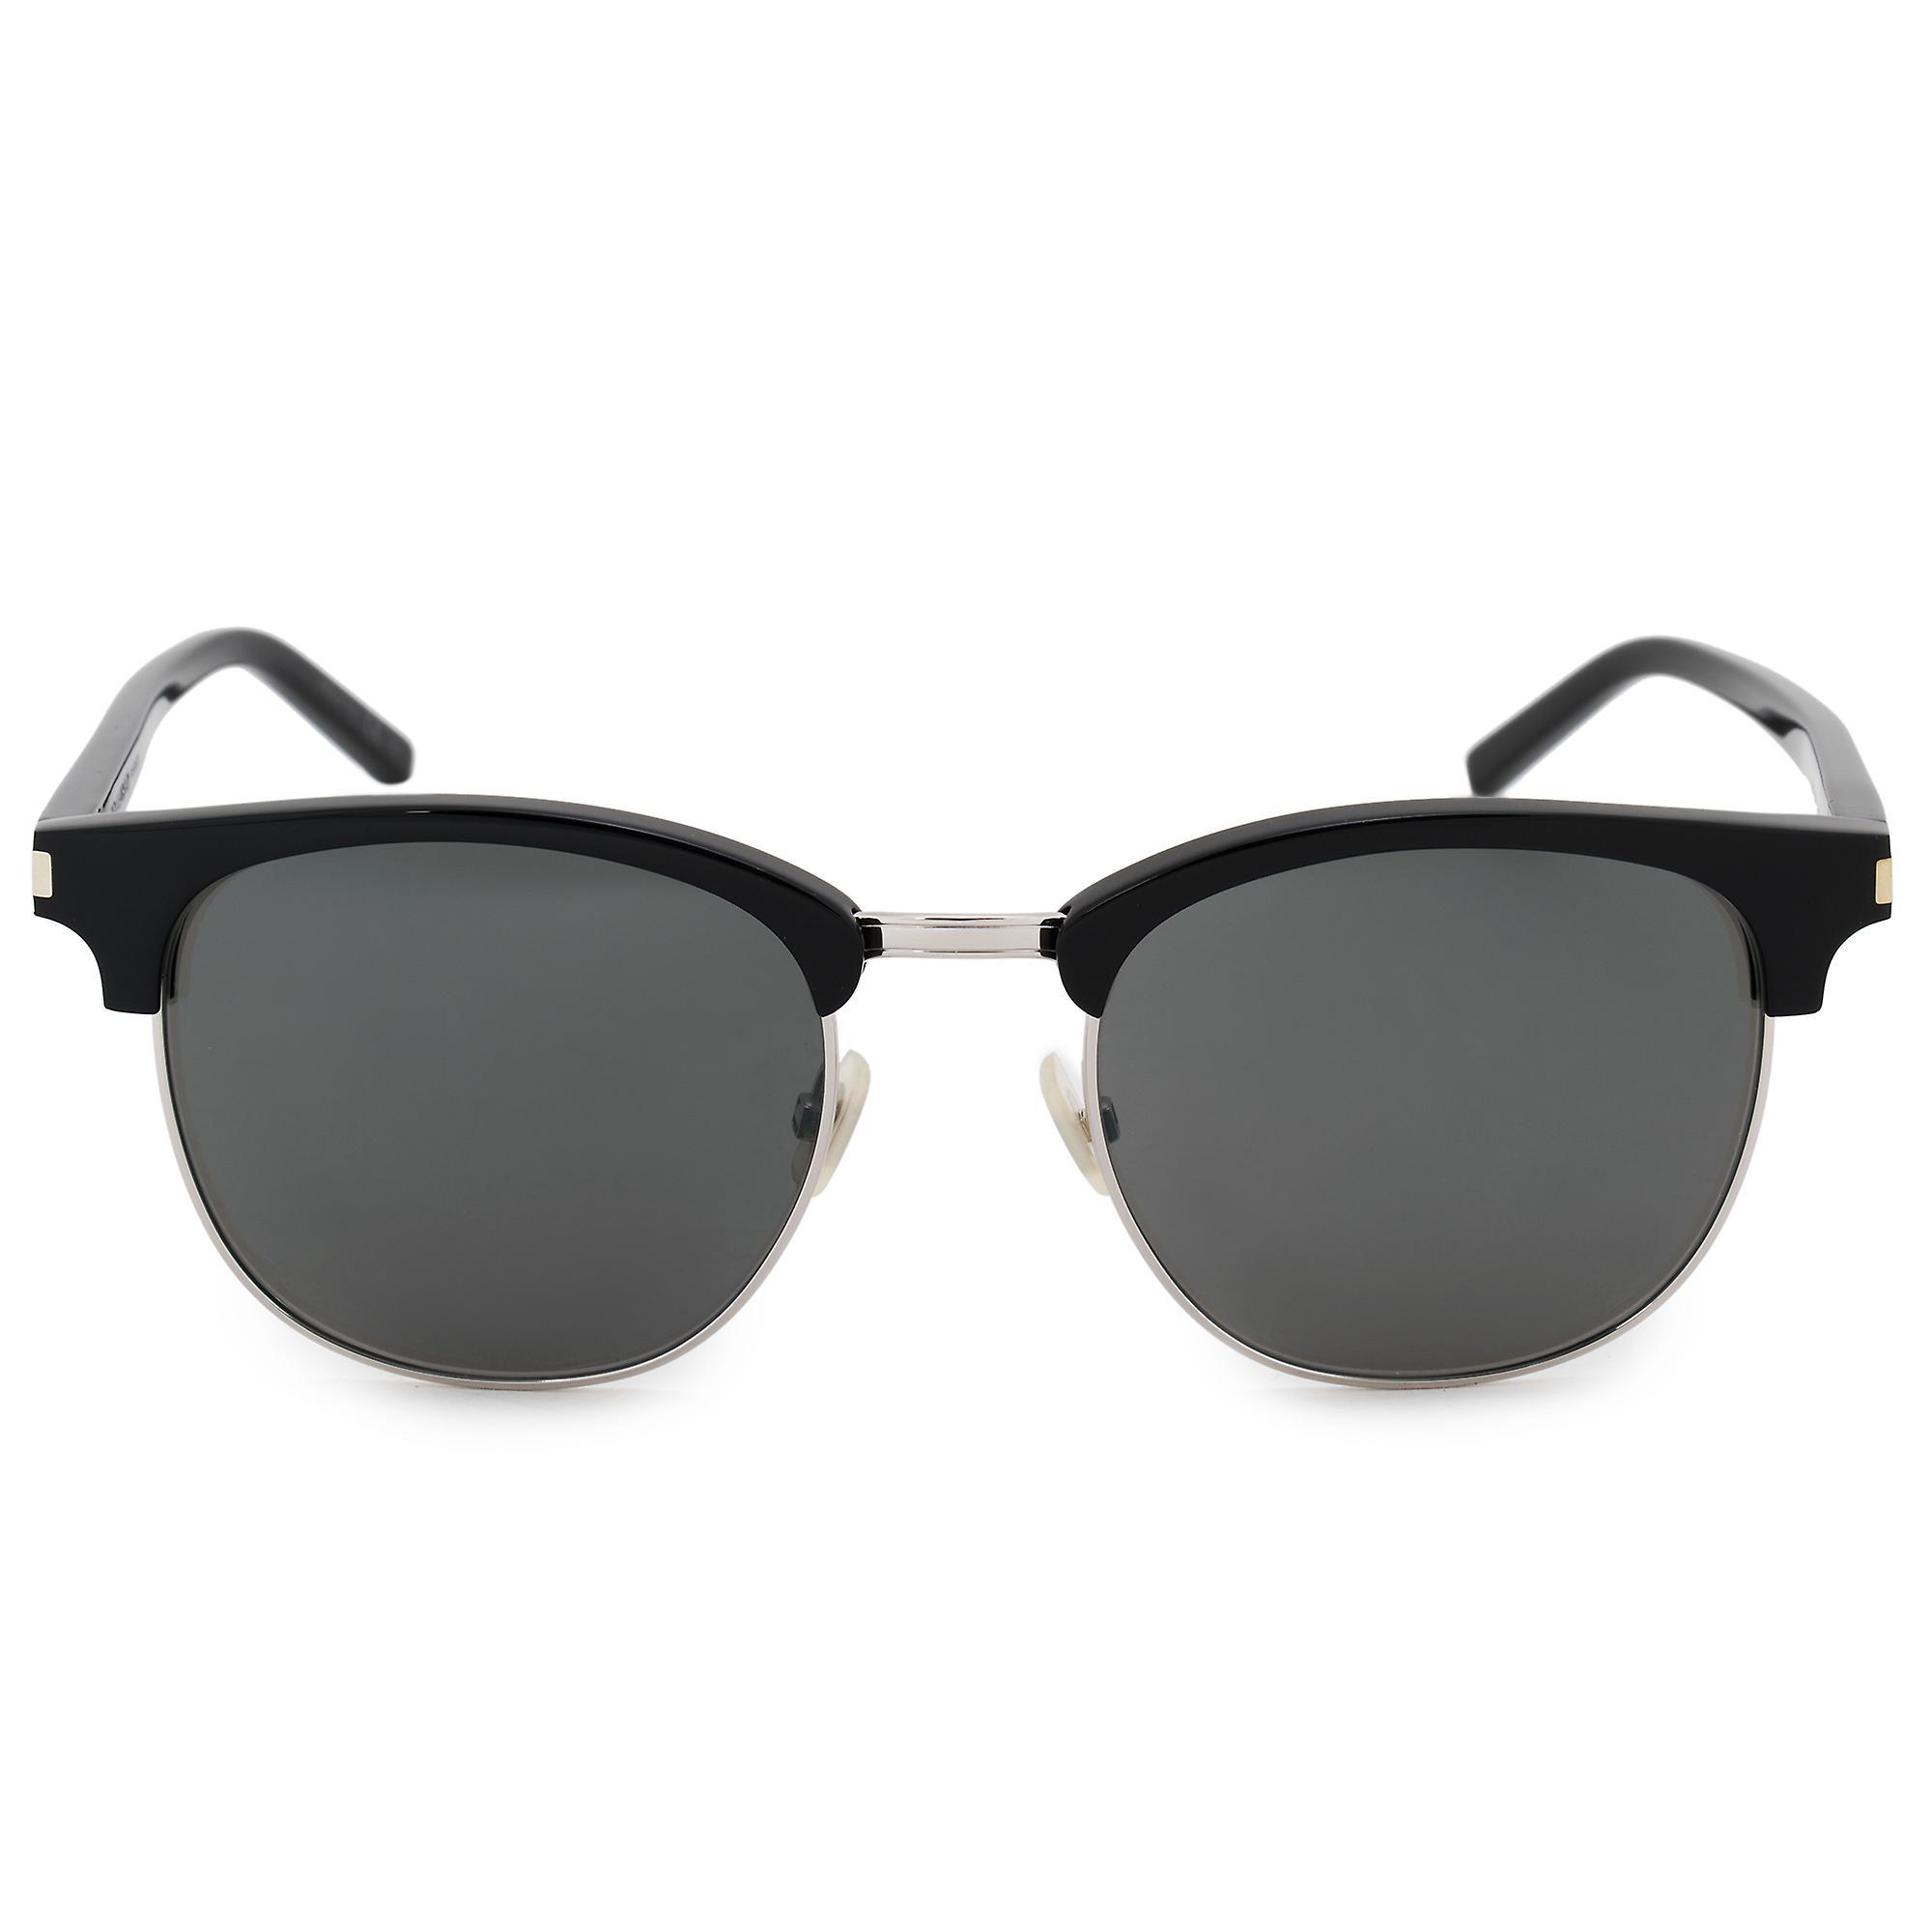 große Auswahl an Farben Online kaufen letzte Auswahl Saint Laurent halb randlose Sonnenbrille SL108 001 52